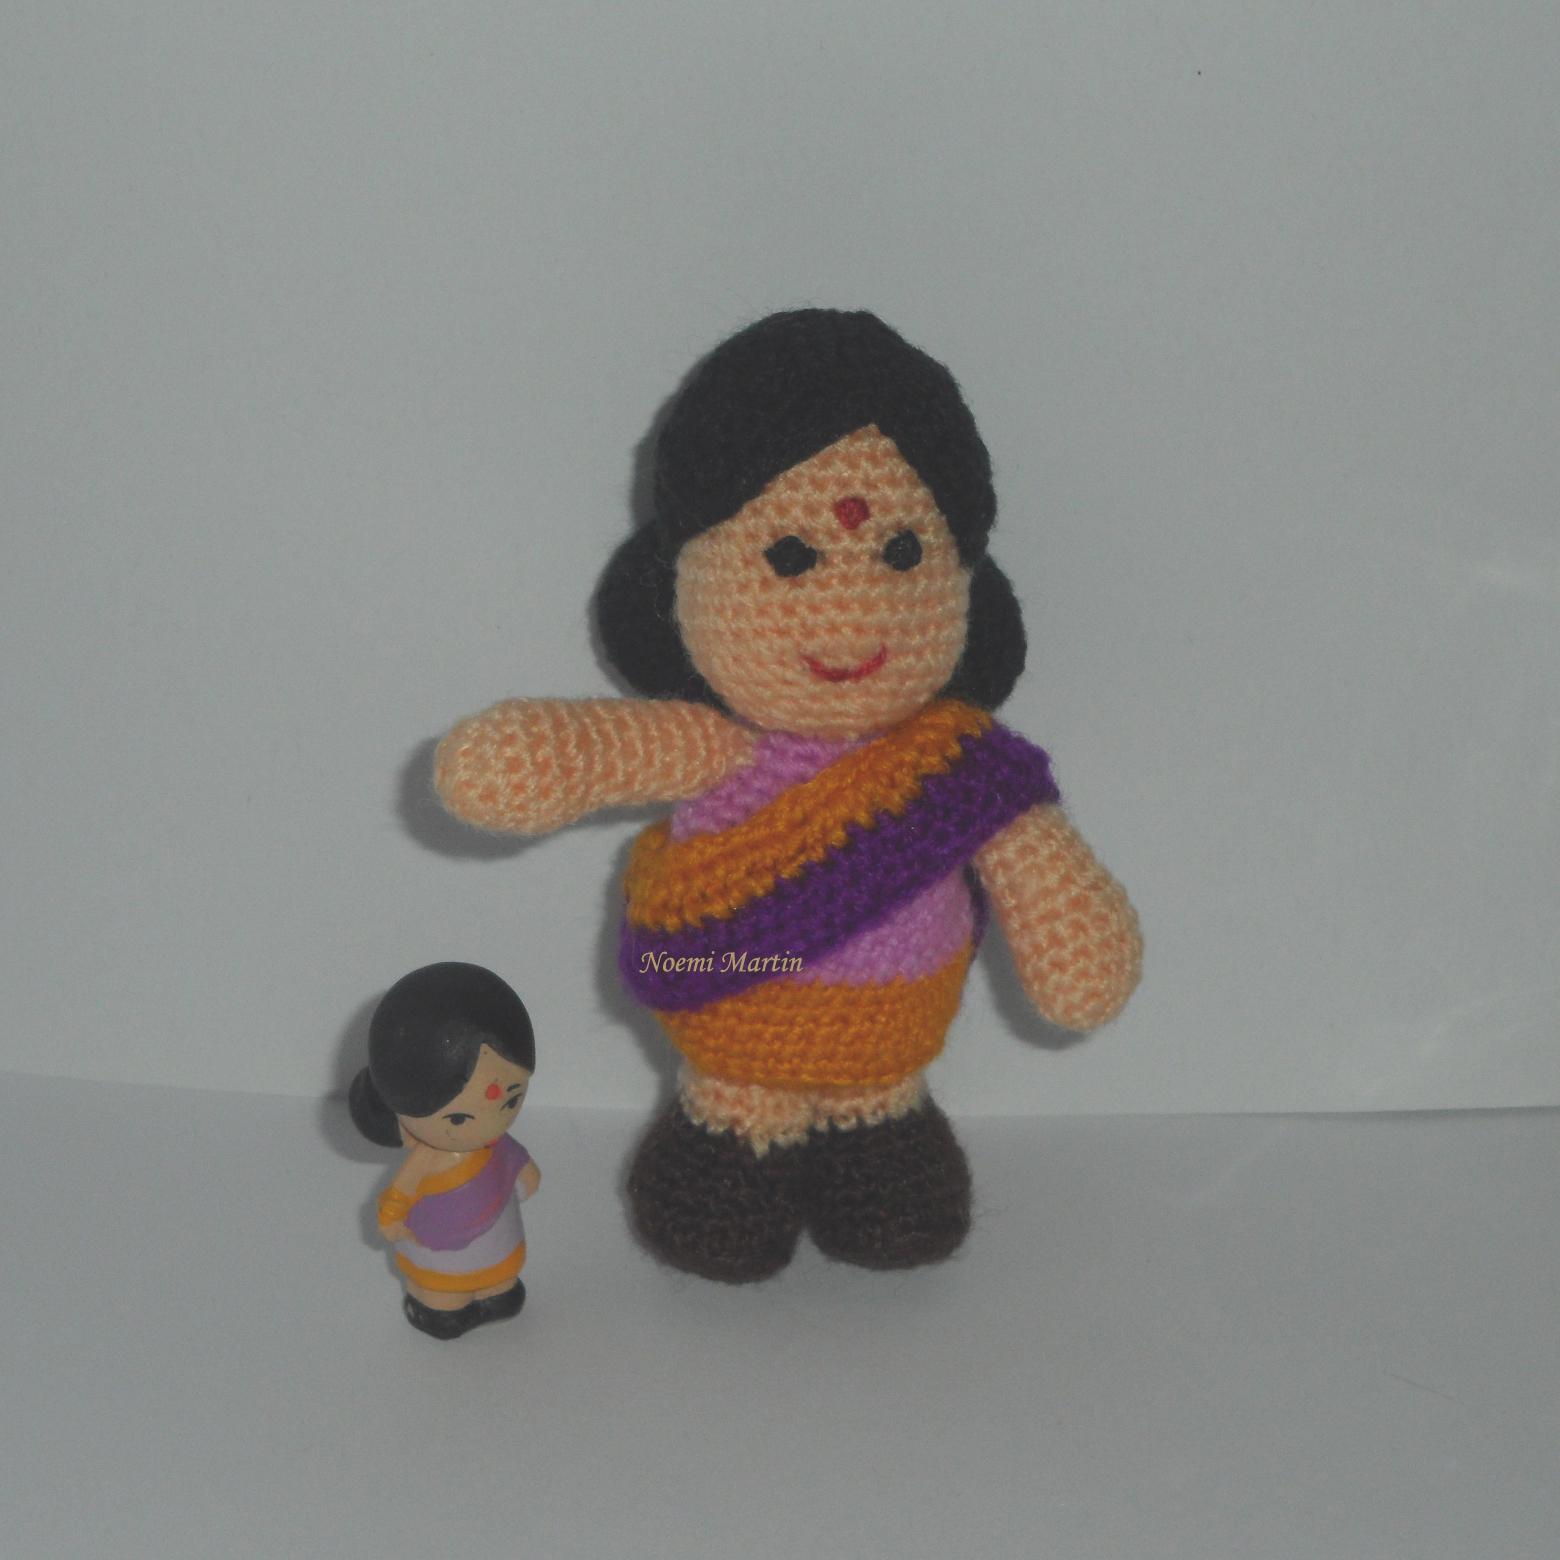 http://agujalanaytijeras.blogspot.com.es/2013/05/desafio-30-amigurumis-n-18-mujer-india.html